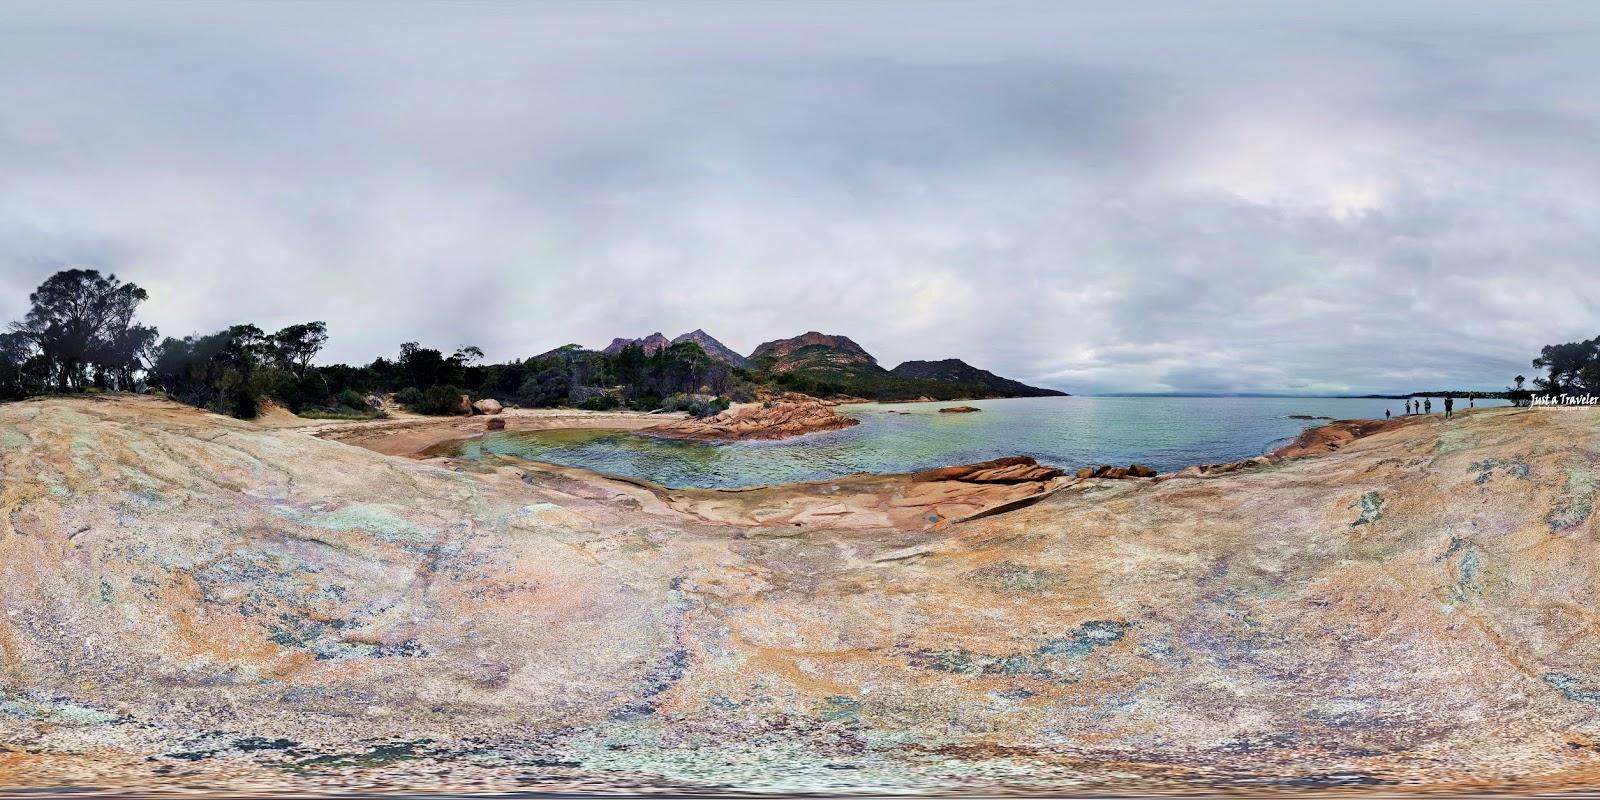 塔斯馬尼亞-景點-推薦-菲欣納國家公園-蜜月灣-旅遊-自由行-澳洲-Tasmania-Freycinet-National-Park-Honeymoon-Bay-Tourist-Attraction-Australia